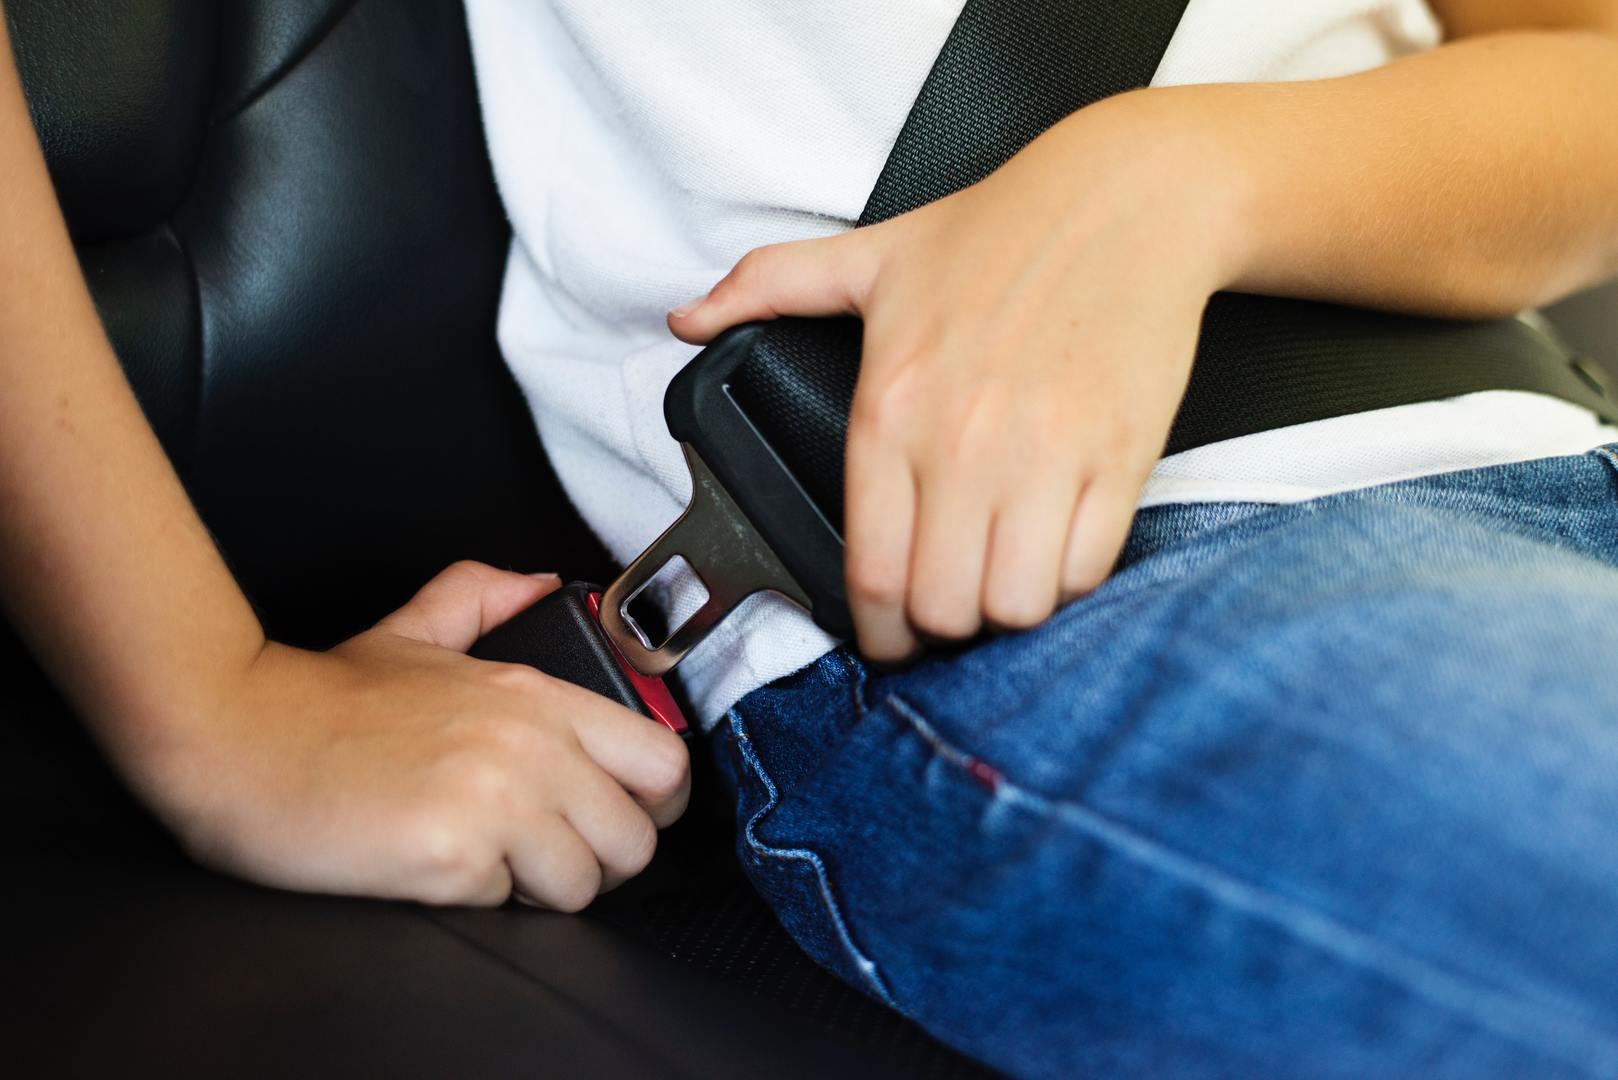 bambino-bloccaggio-cassetta-di-sicurezza-1266014